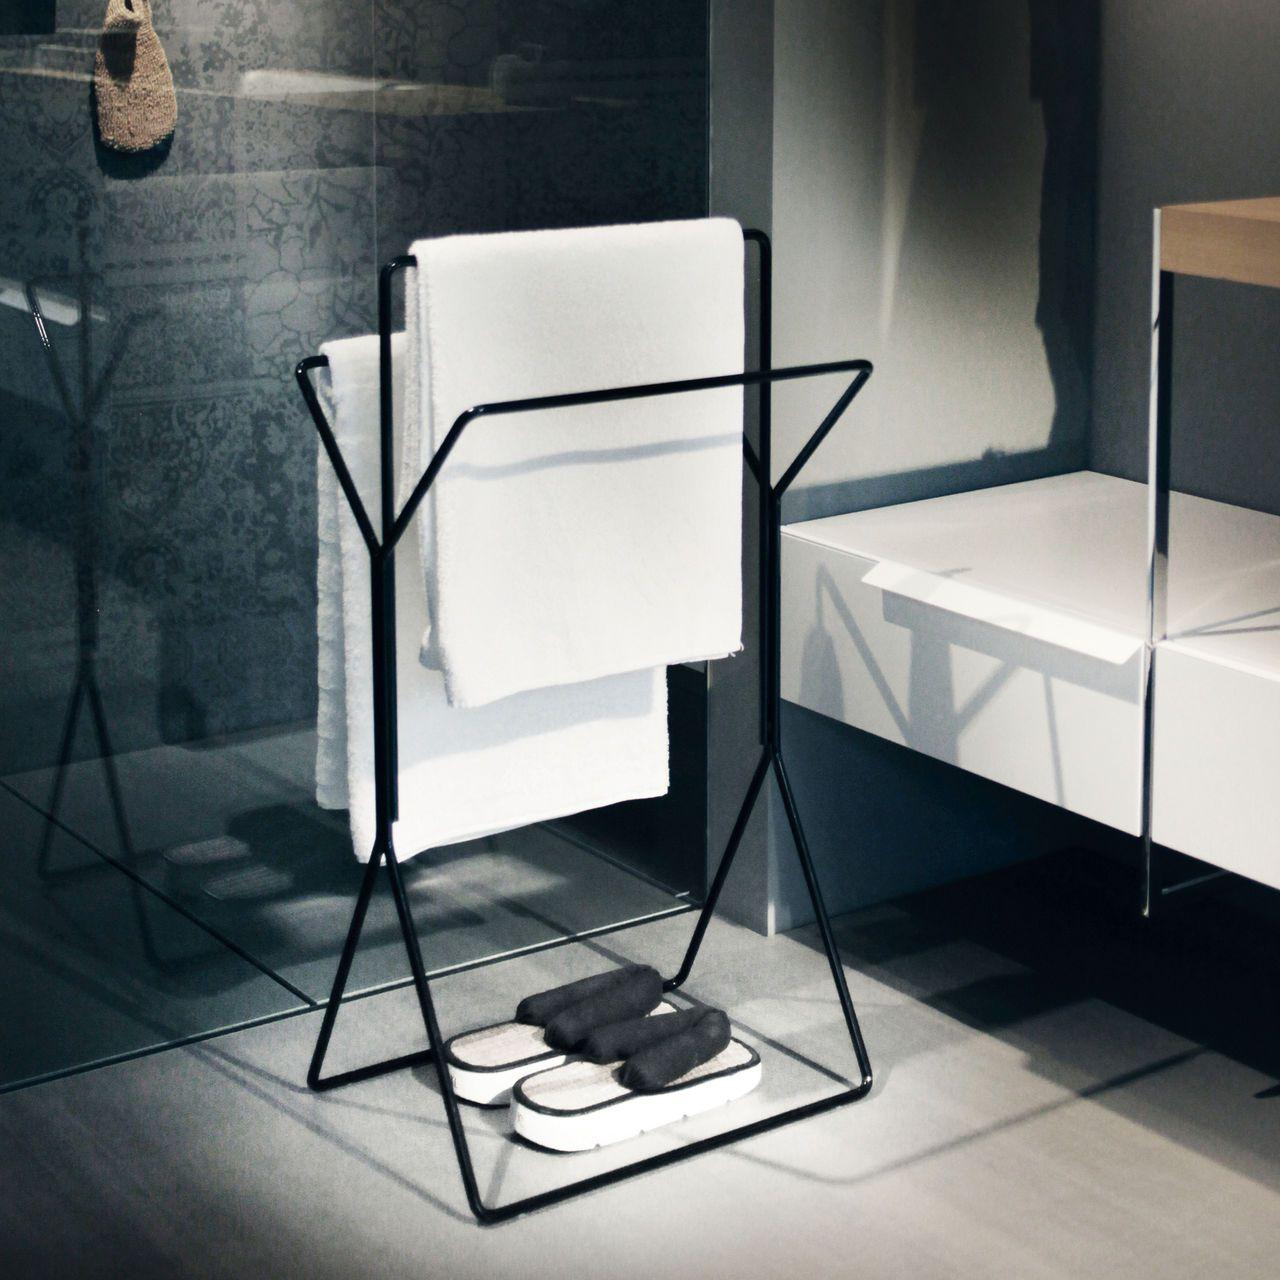 Stummer diener und handtuchhalter mit ganz viel stil bad Ideen ordnung bad